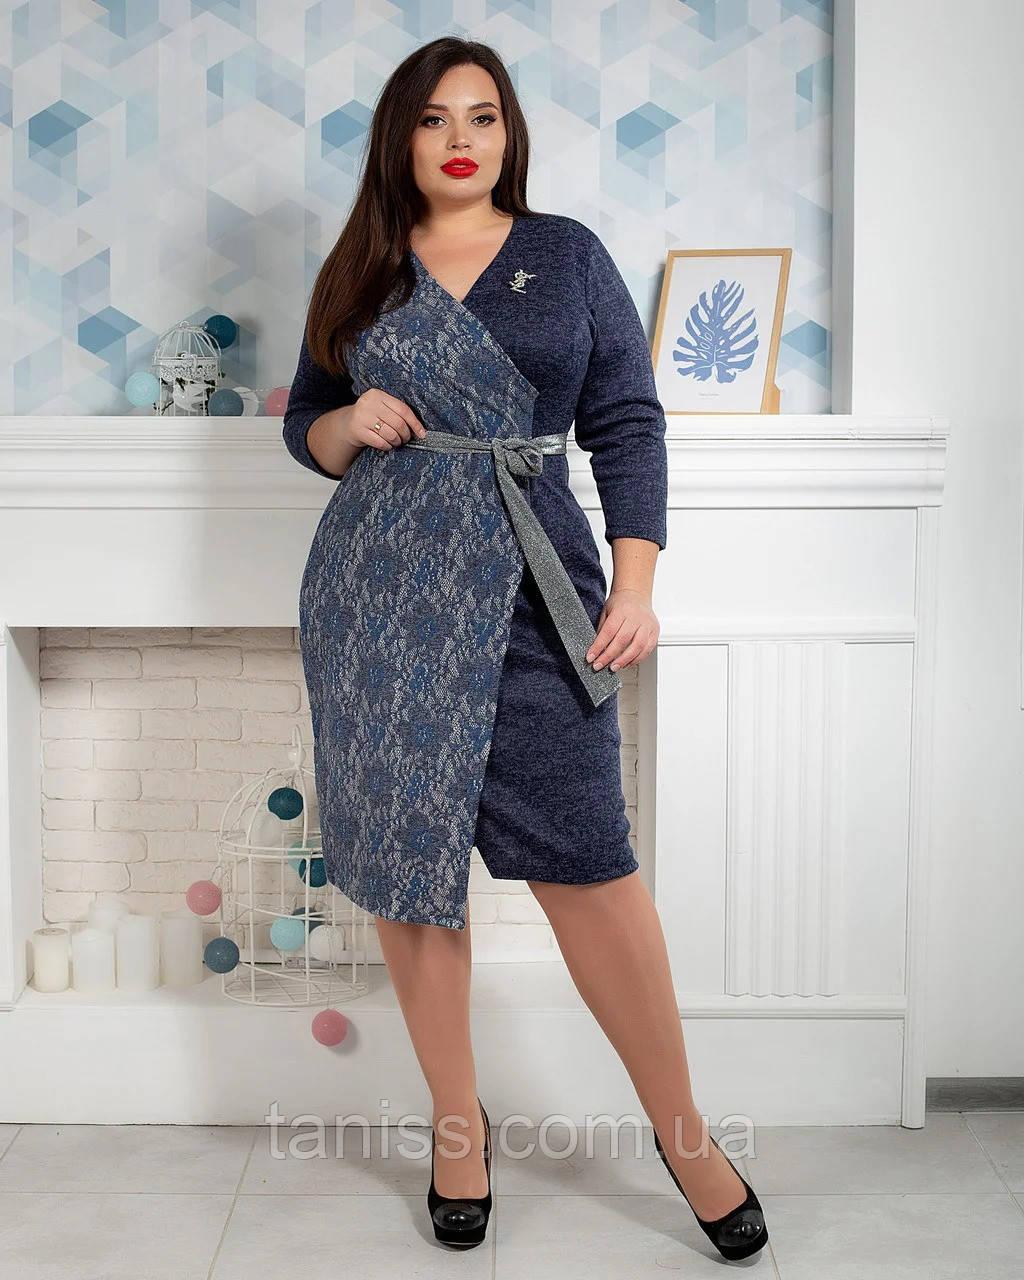 Теплое женское платье на запах, трикотаж ангора и гипюр,  р.50,52,54,56 синий (734) сукня